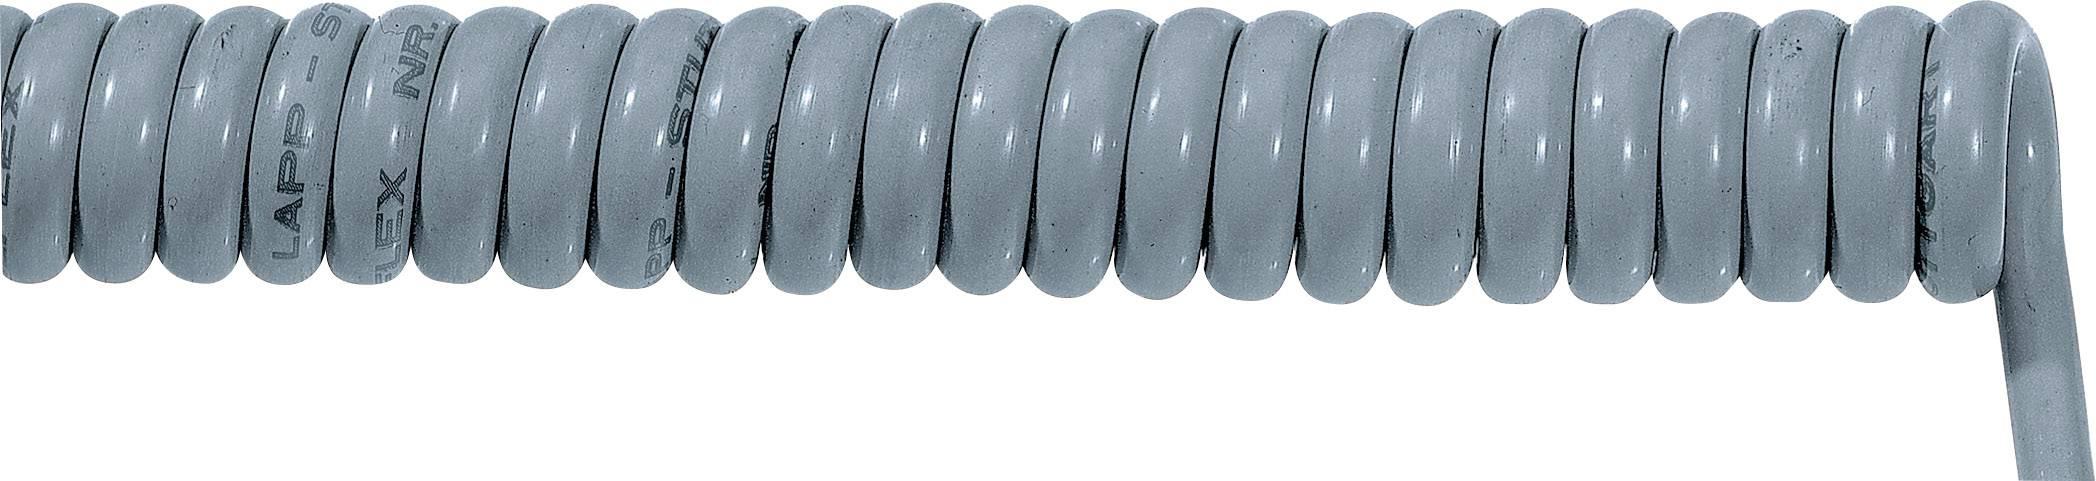 Špirálový kábel 70002687 ÖLFLEX® SPIRAL 400 P 3 x 1.50 mm², 500 mm / 1500 mm, sivá